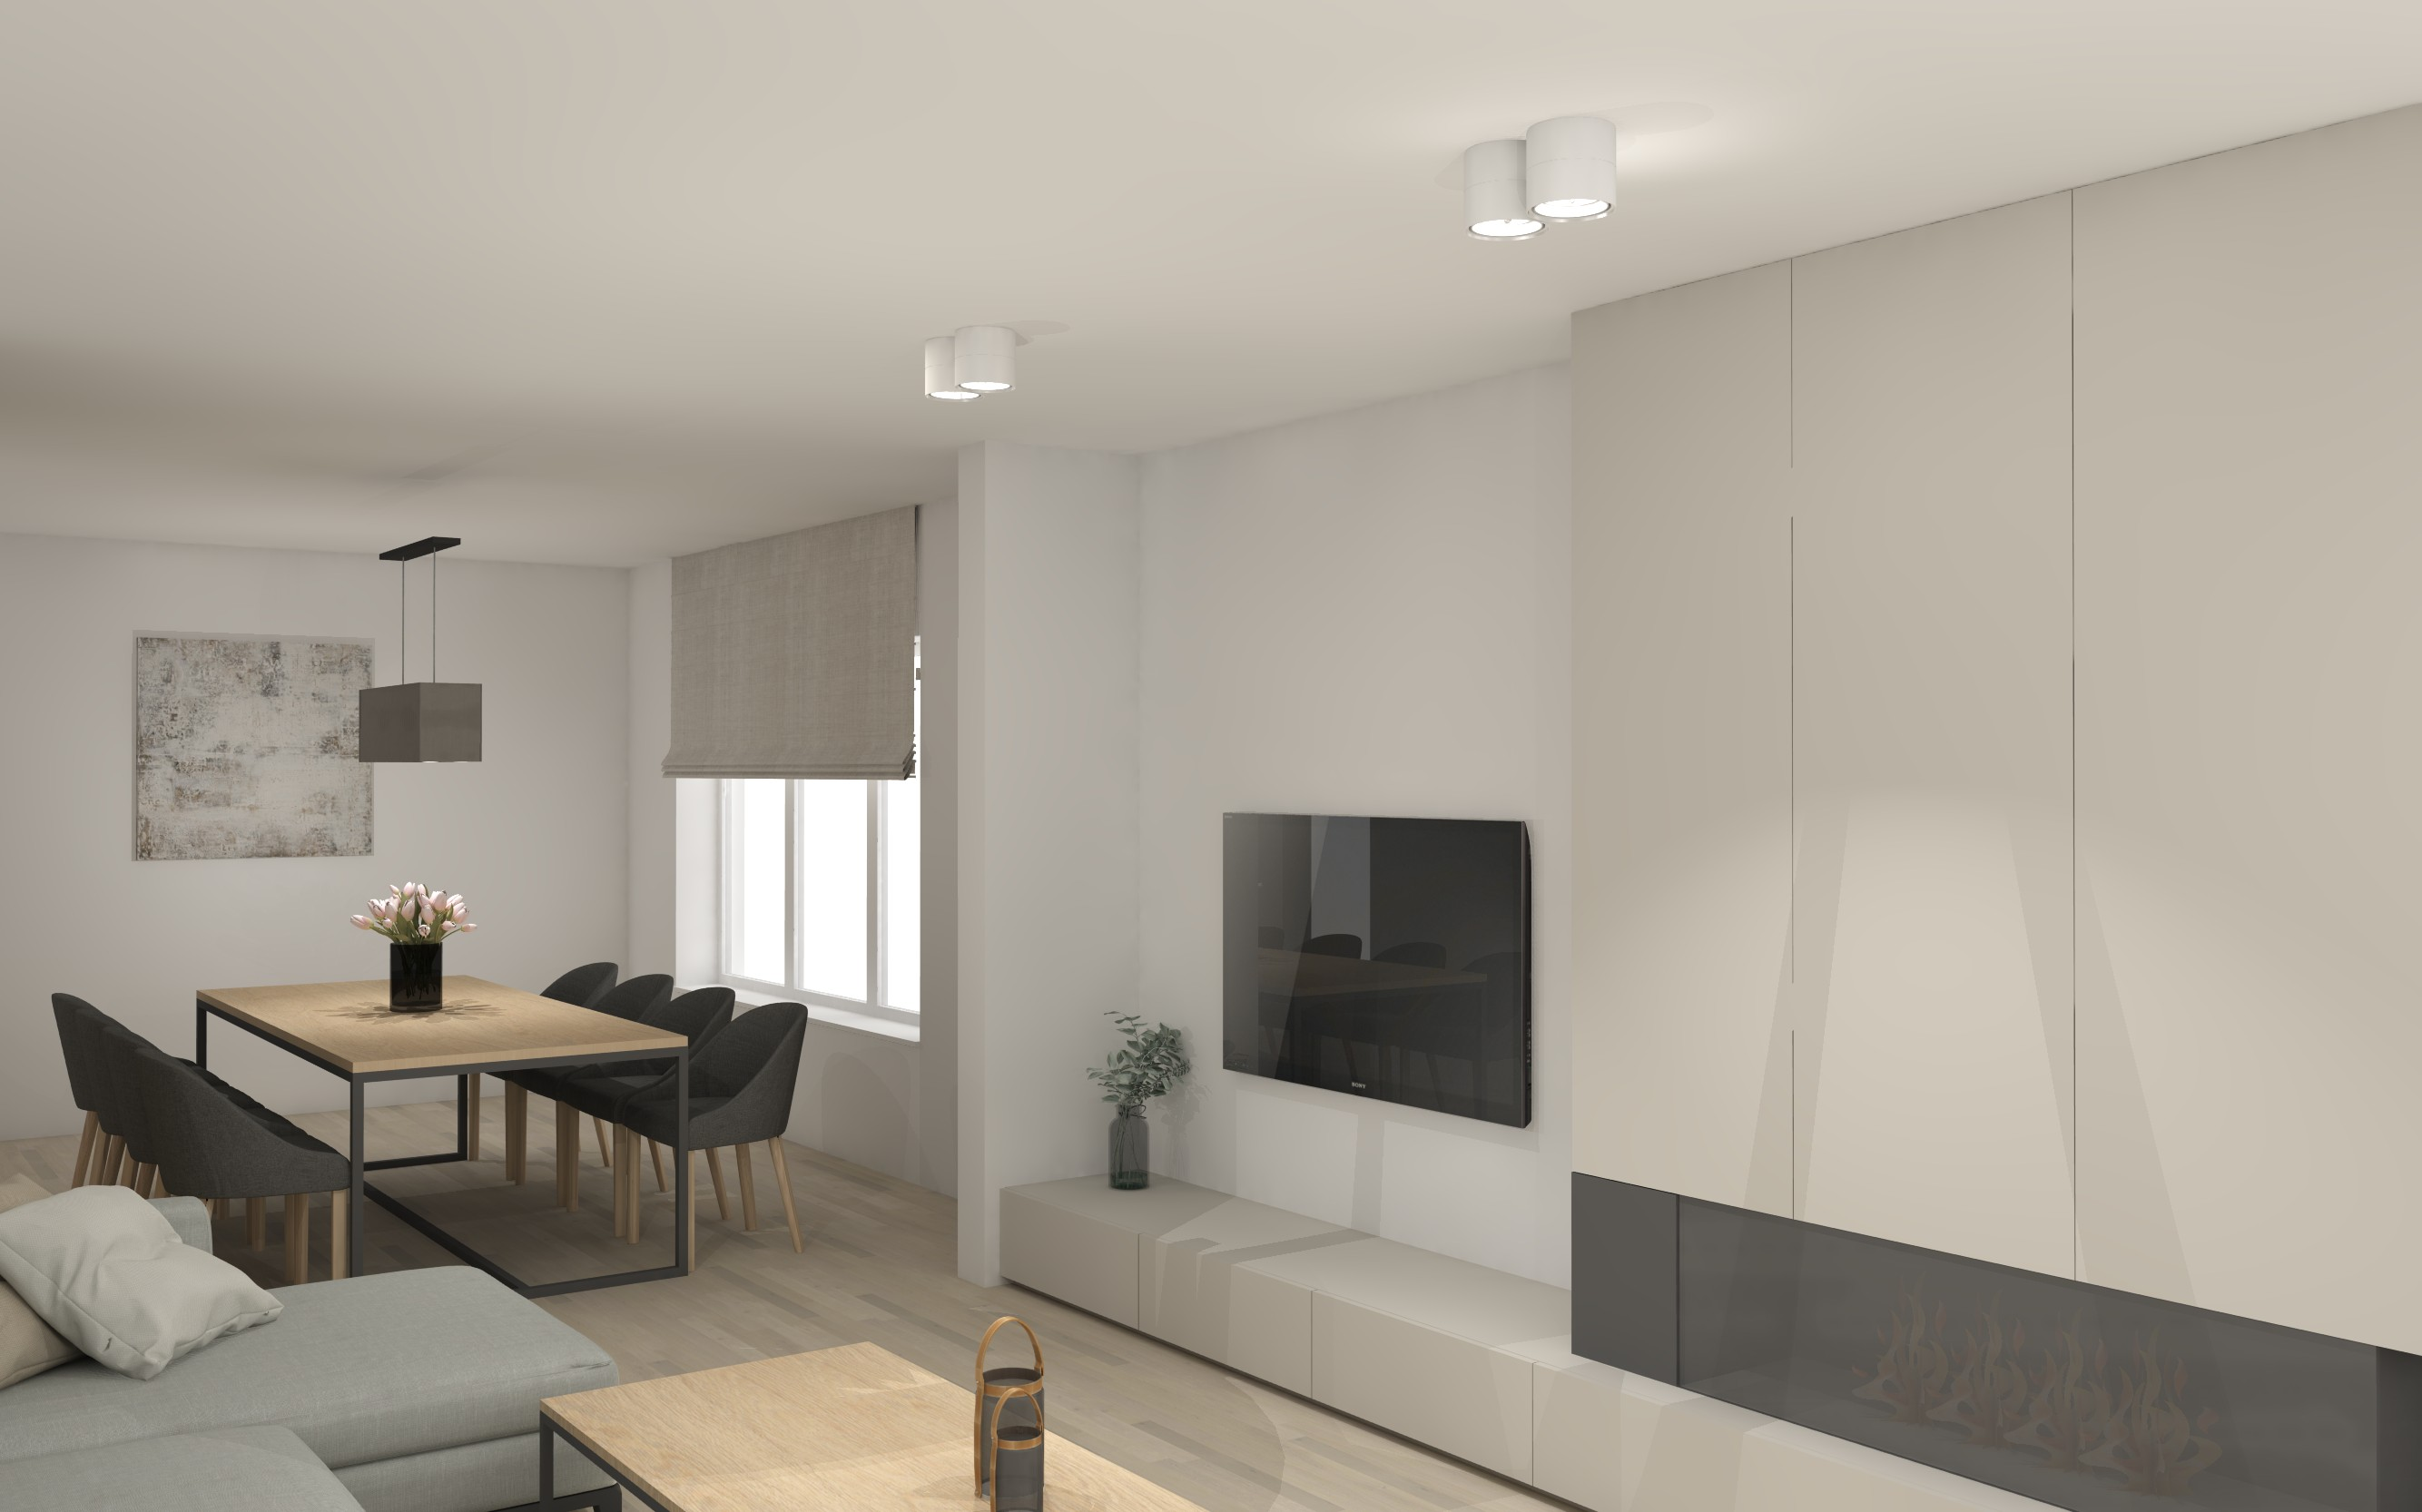 interieurarchitectuur renovatie eet- en woonkamer